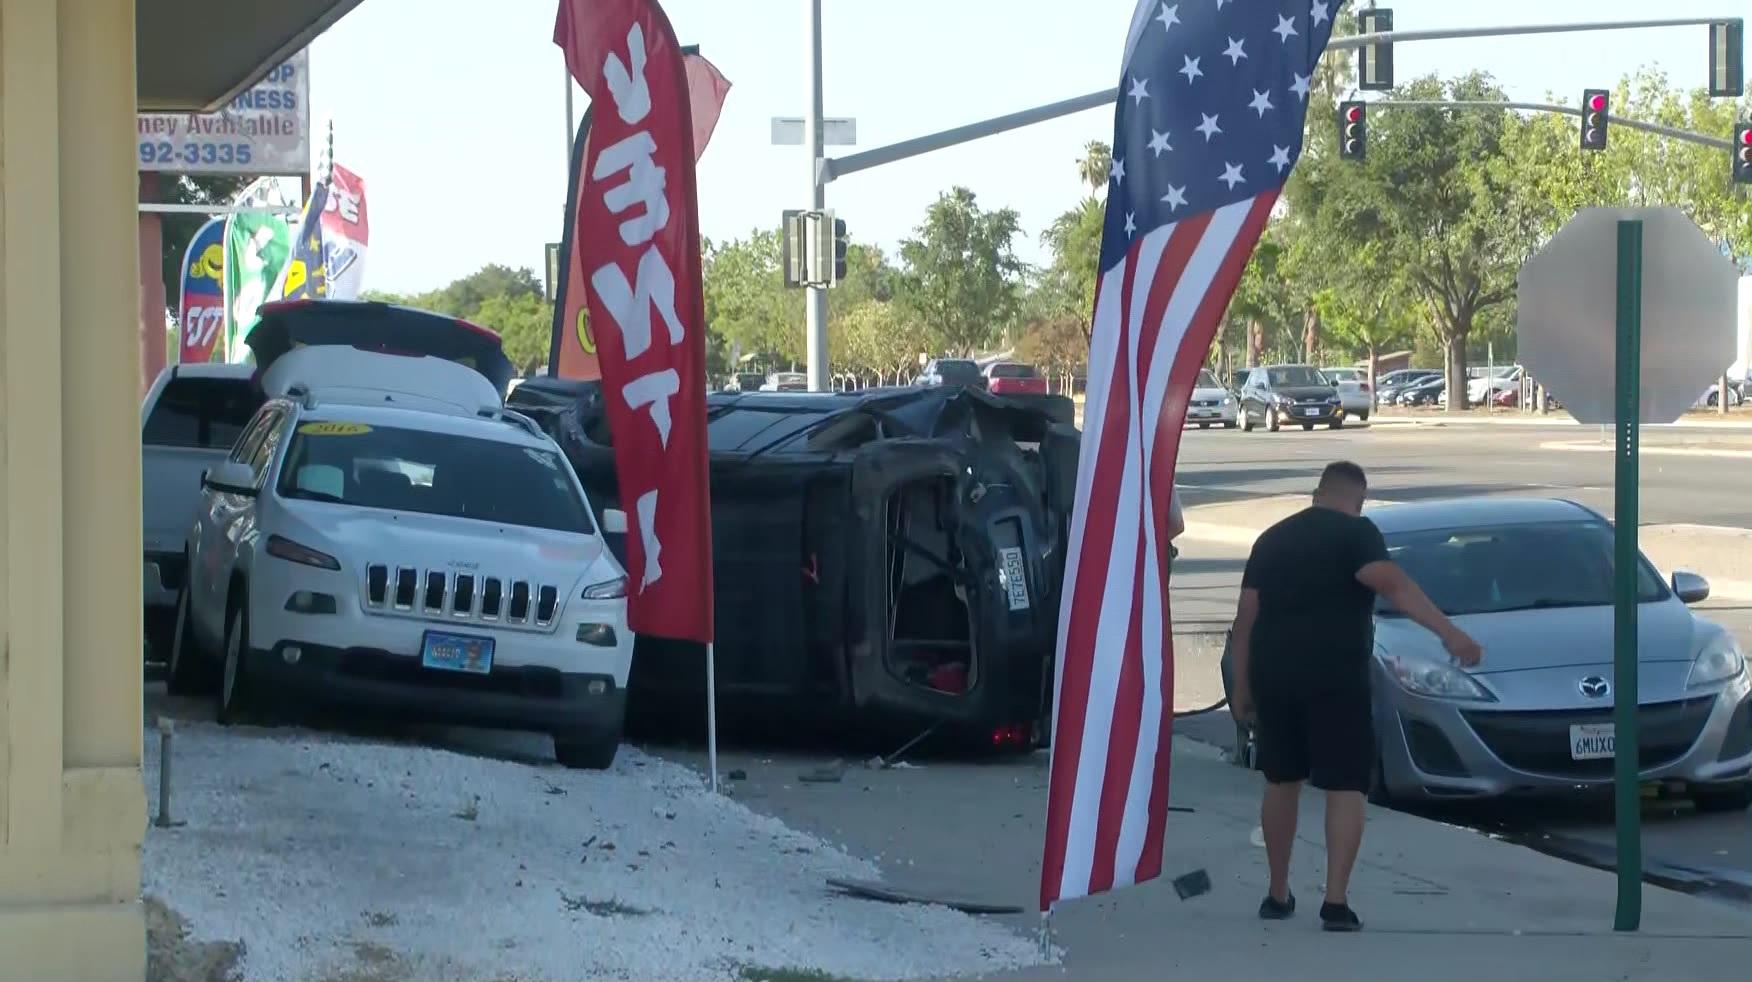 CHP: Driver killed in rollover crash in Fresno